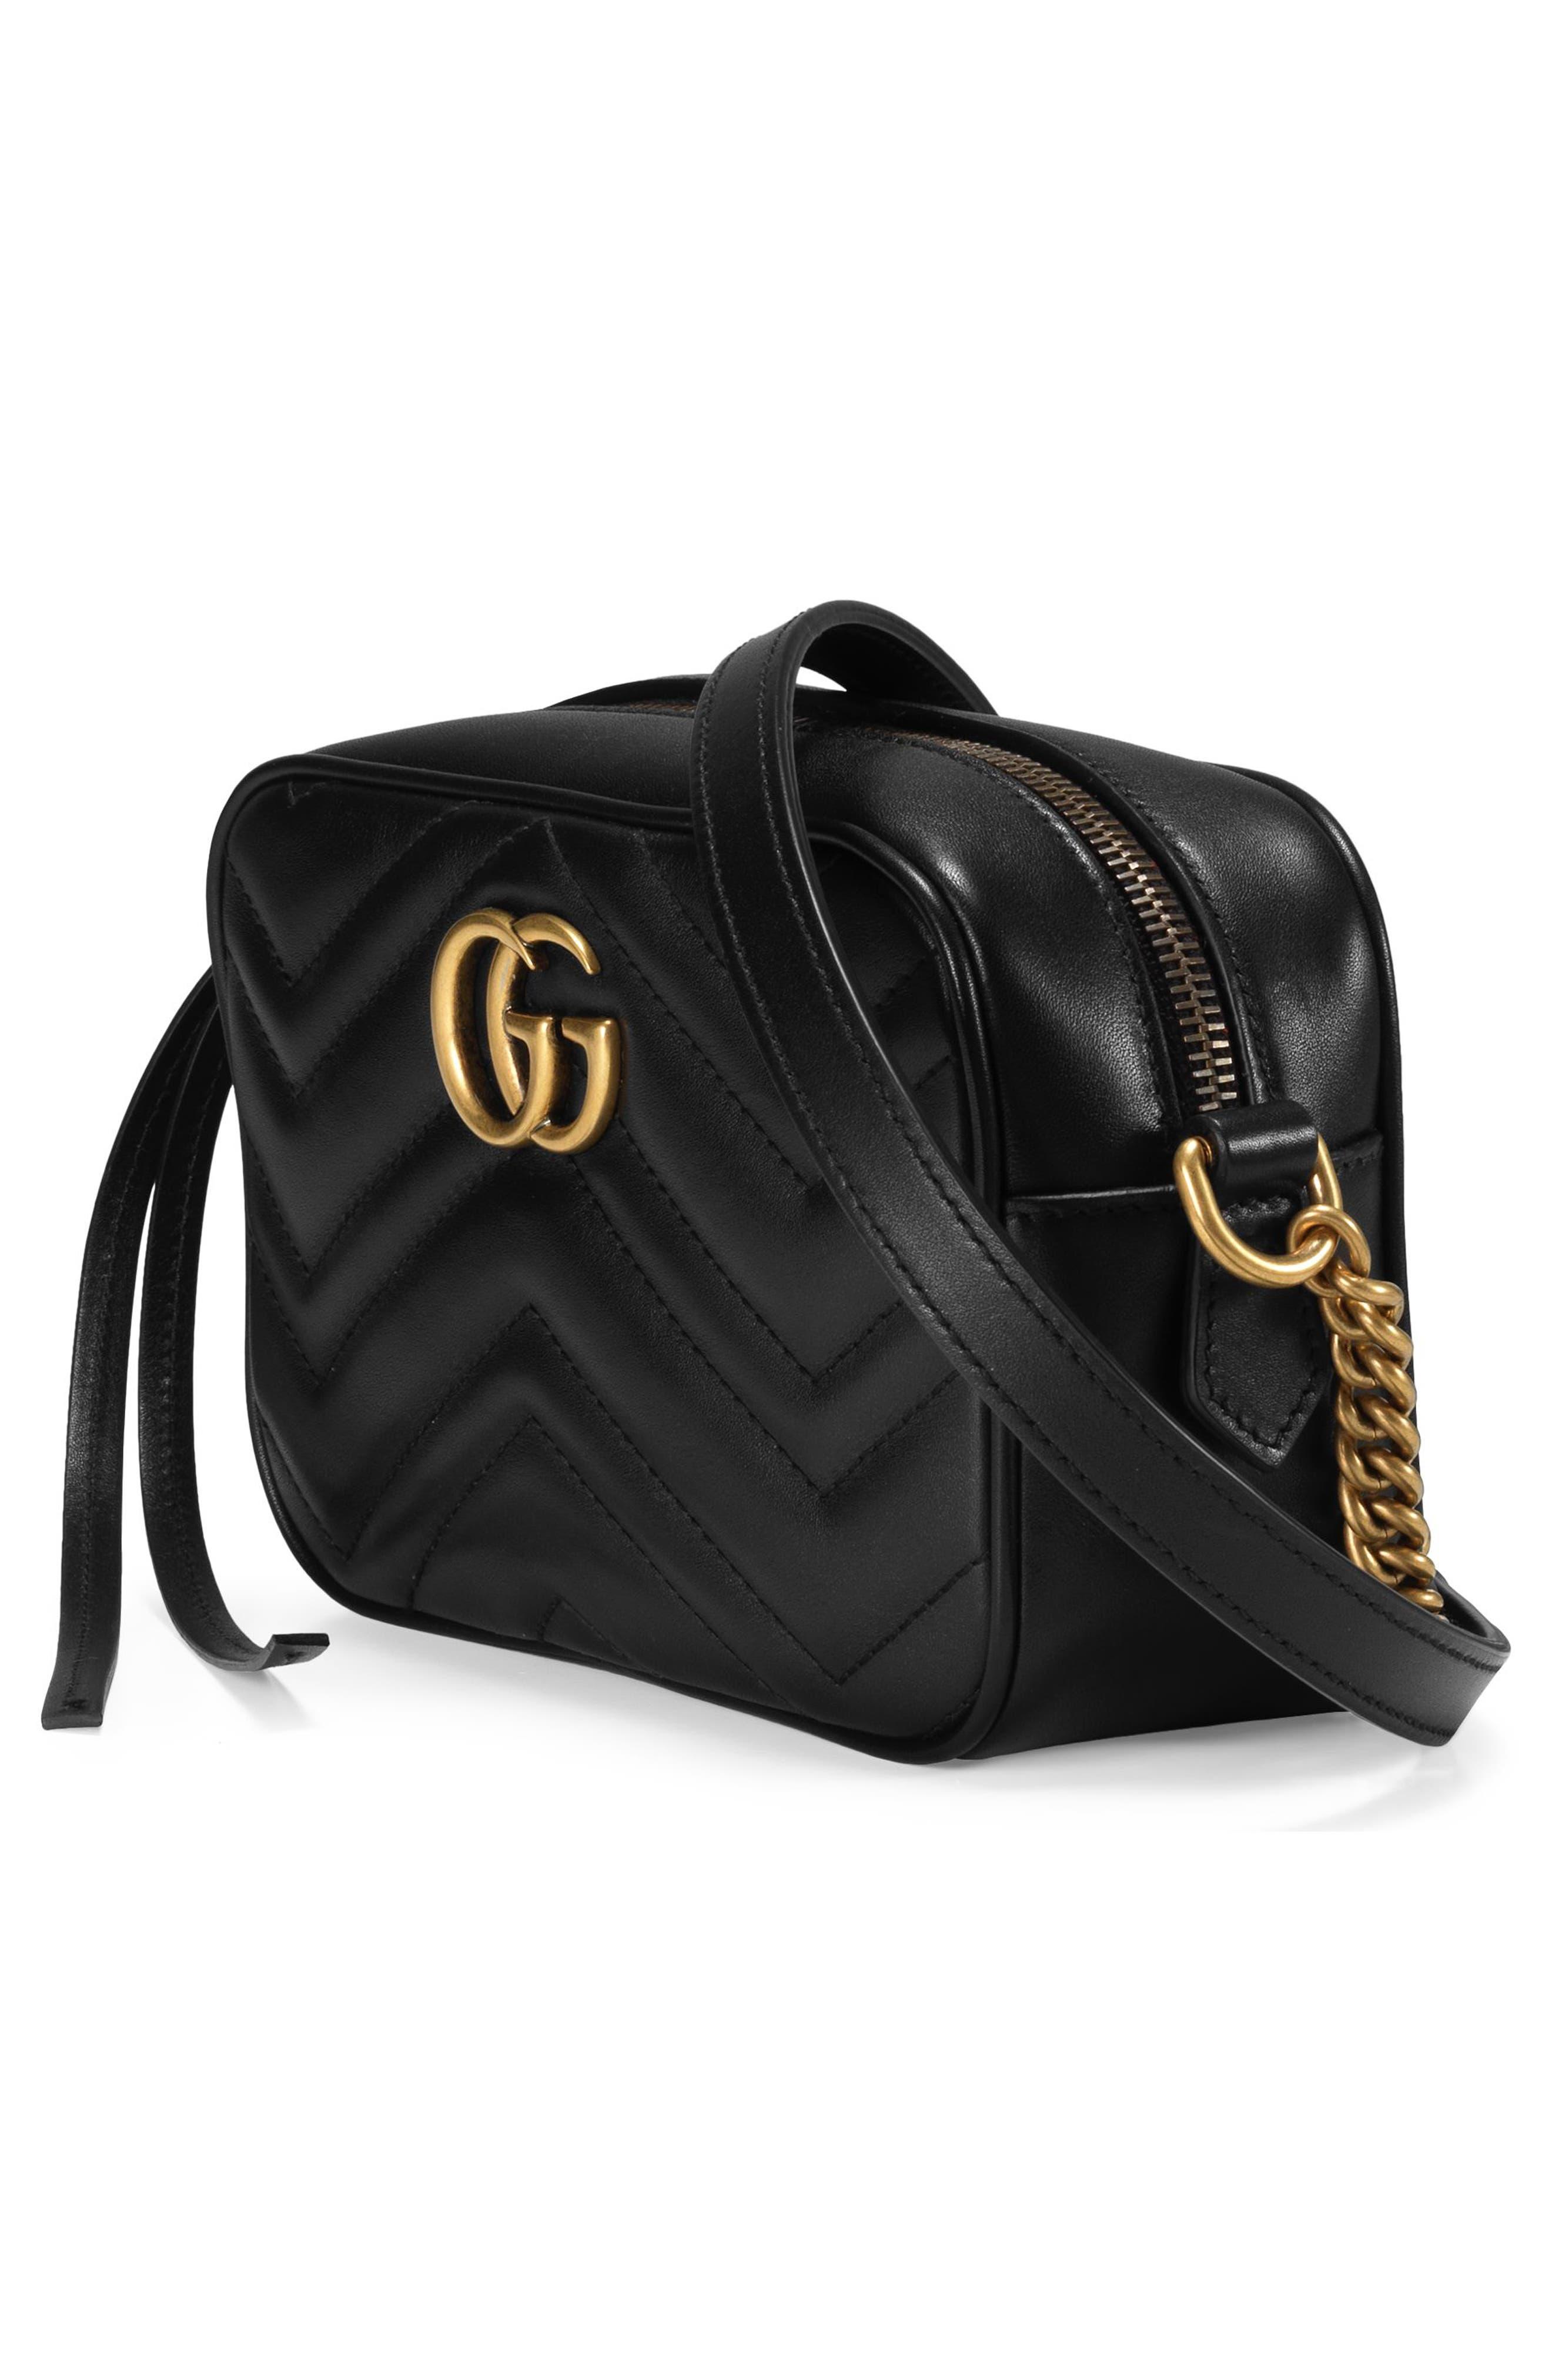 GG Marmont 2.0 Matelassé Leather Shoulder Bag,                             Alternate thumbnail 3, color,                             Nero